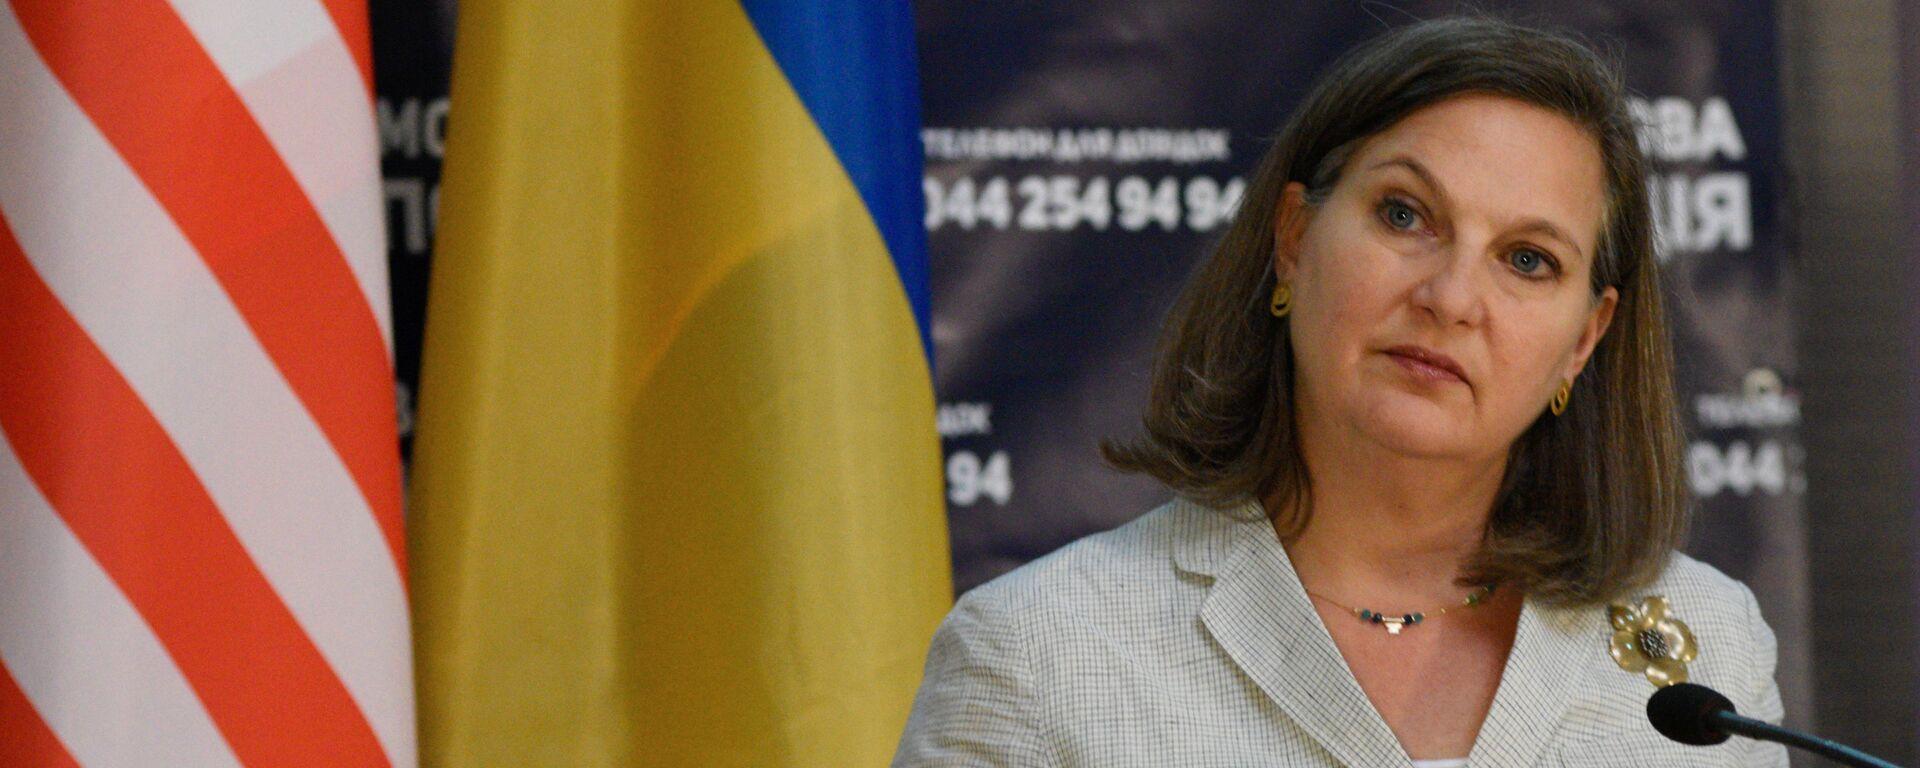 Помощник госсекретаря США Виктория Нуланд в Киеве - Sputnik Latvija, 1920, 24.05.2019